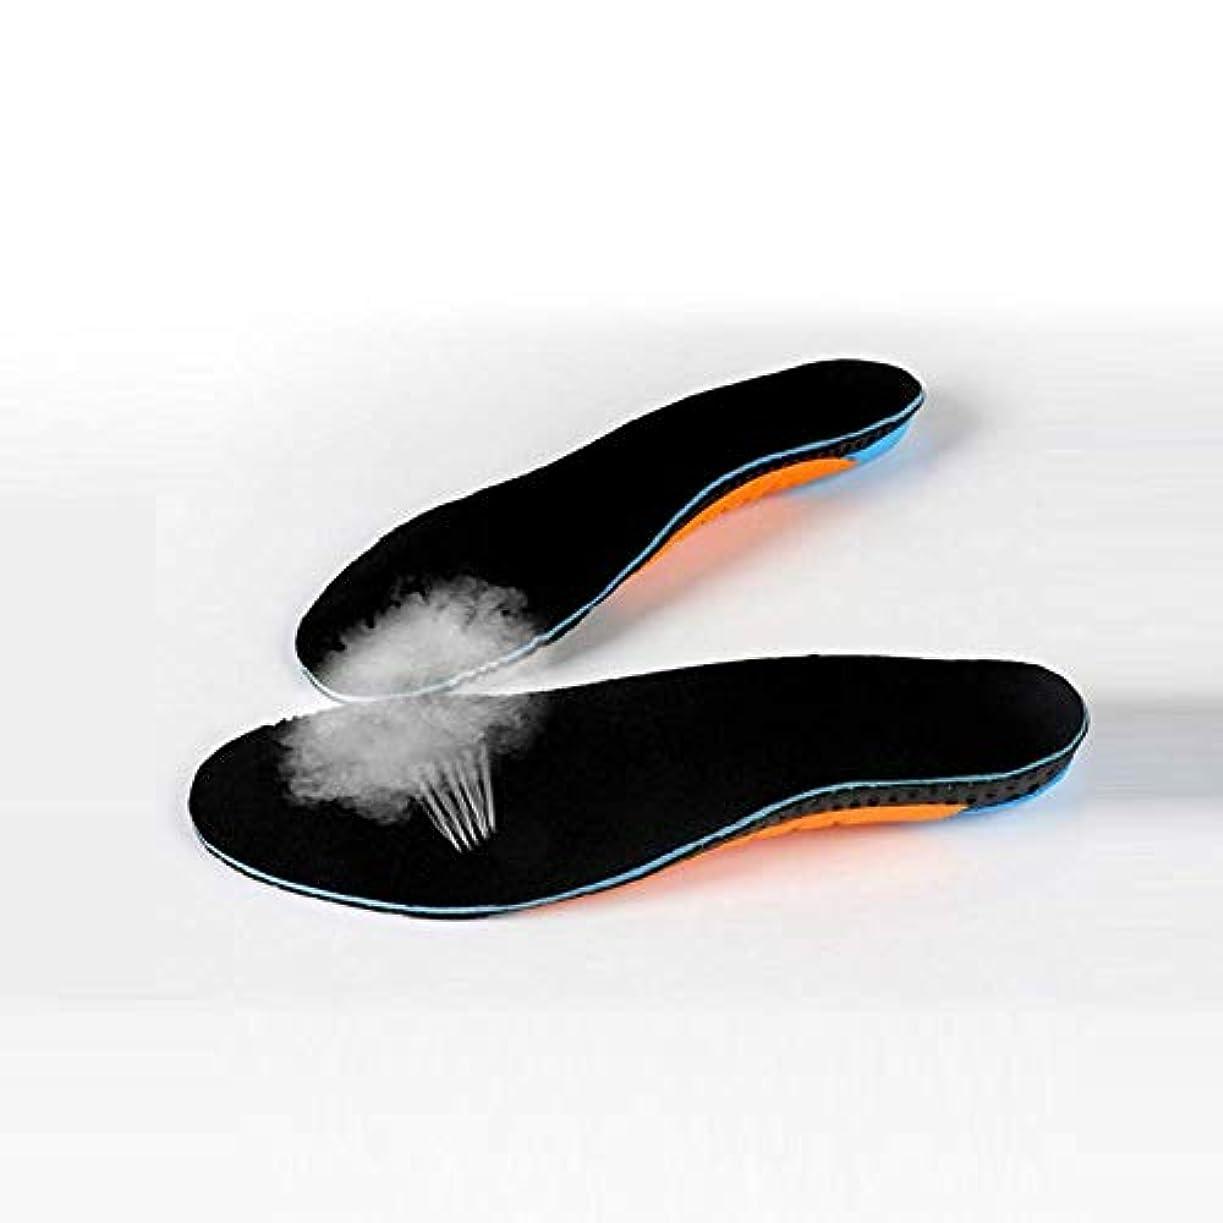 デンプシーチャールズキージングドキドキ男性と女性のためのフラットフィートハイアーチサポートインソールのための足底筋膜炎インソールの矯正インソール